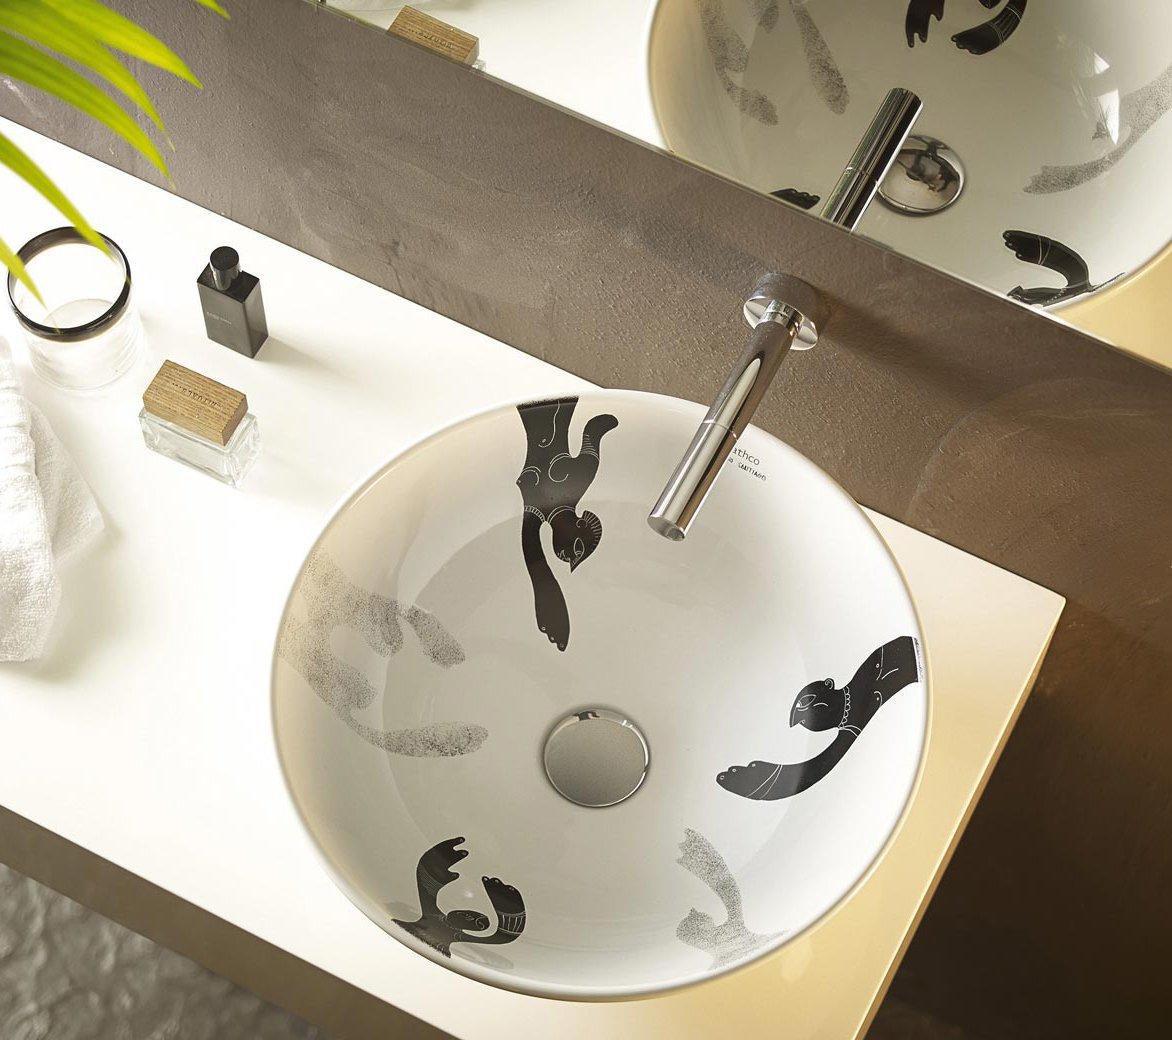 rubinetti-installazione-parete-9